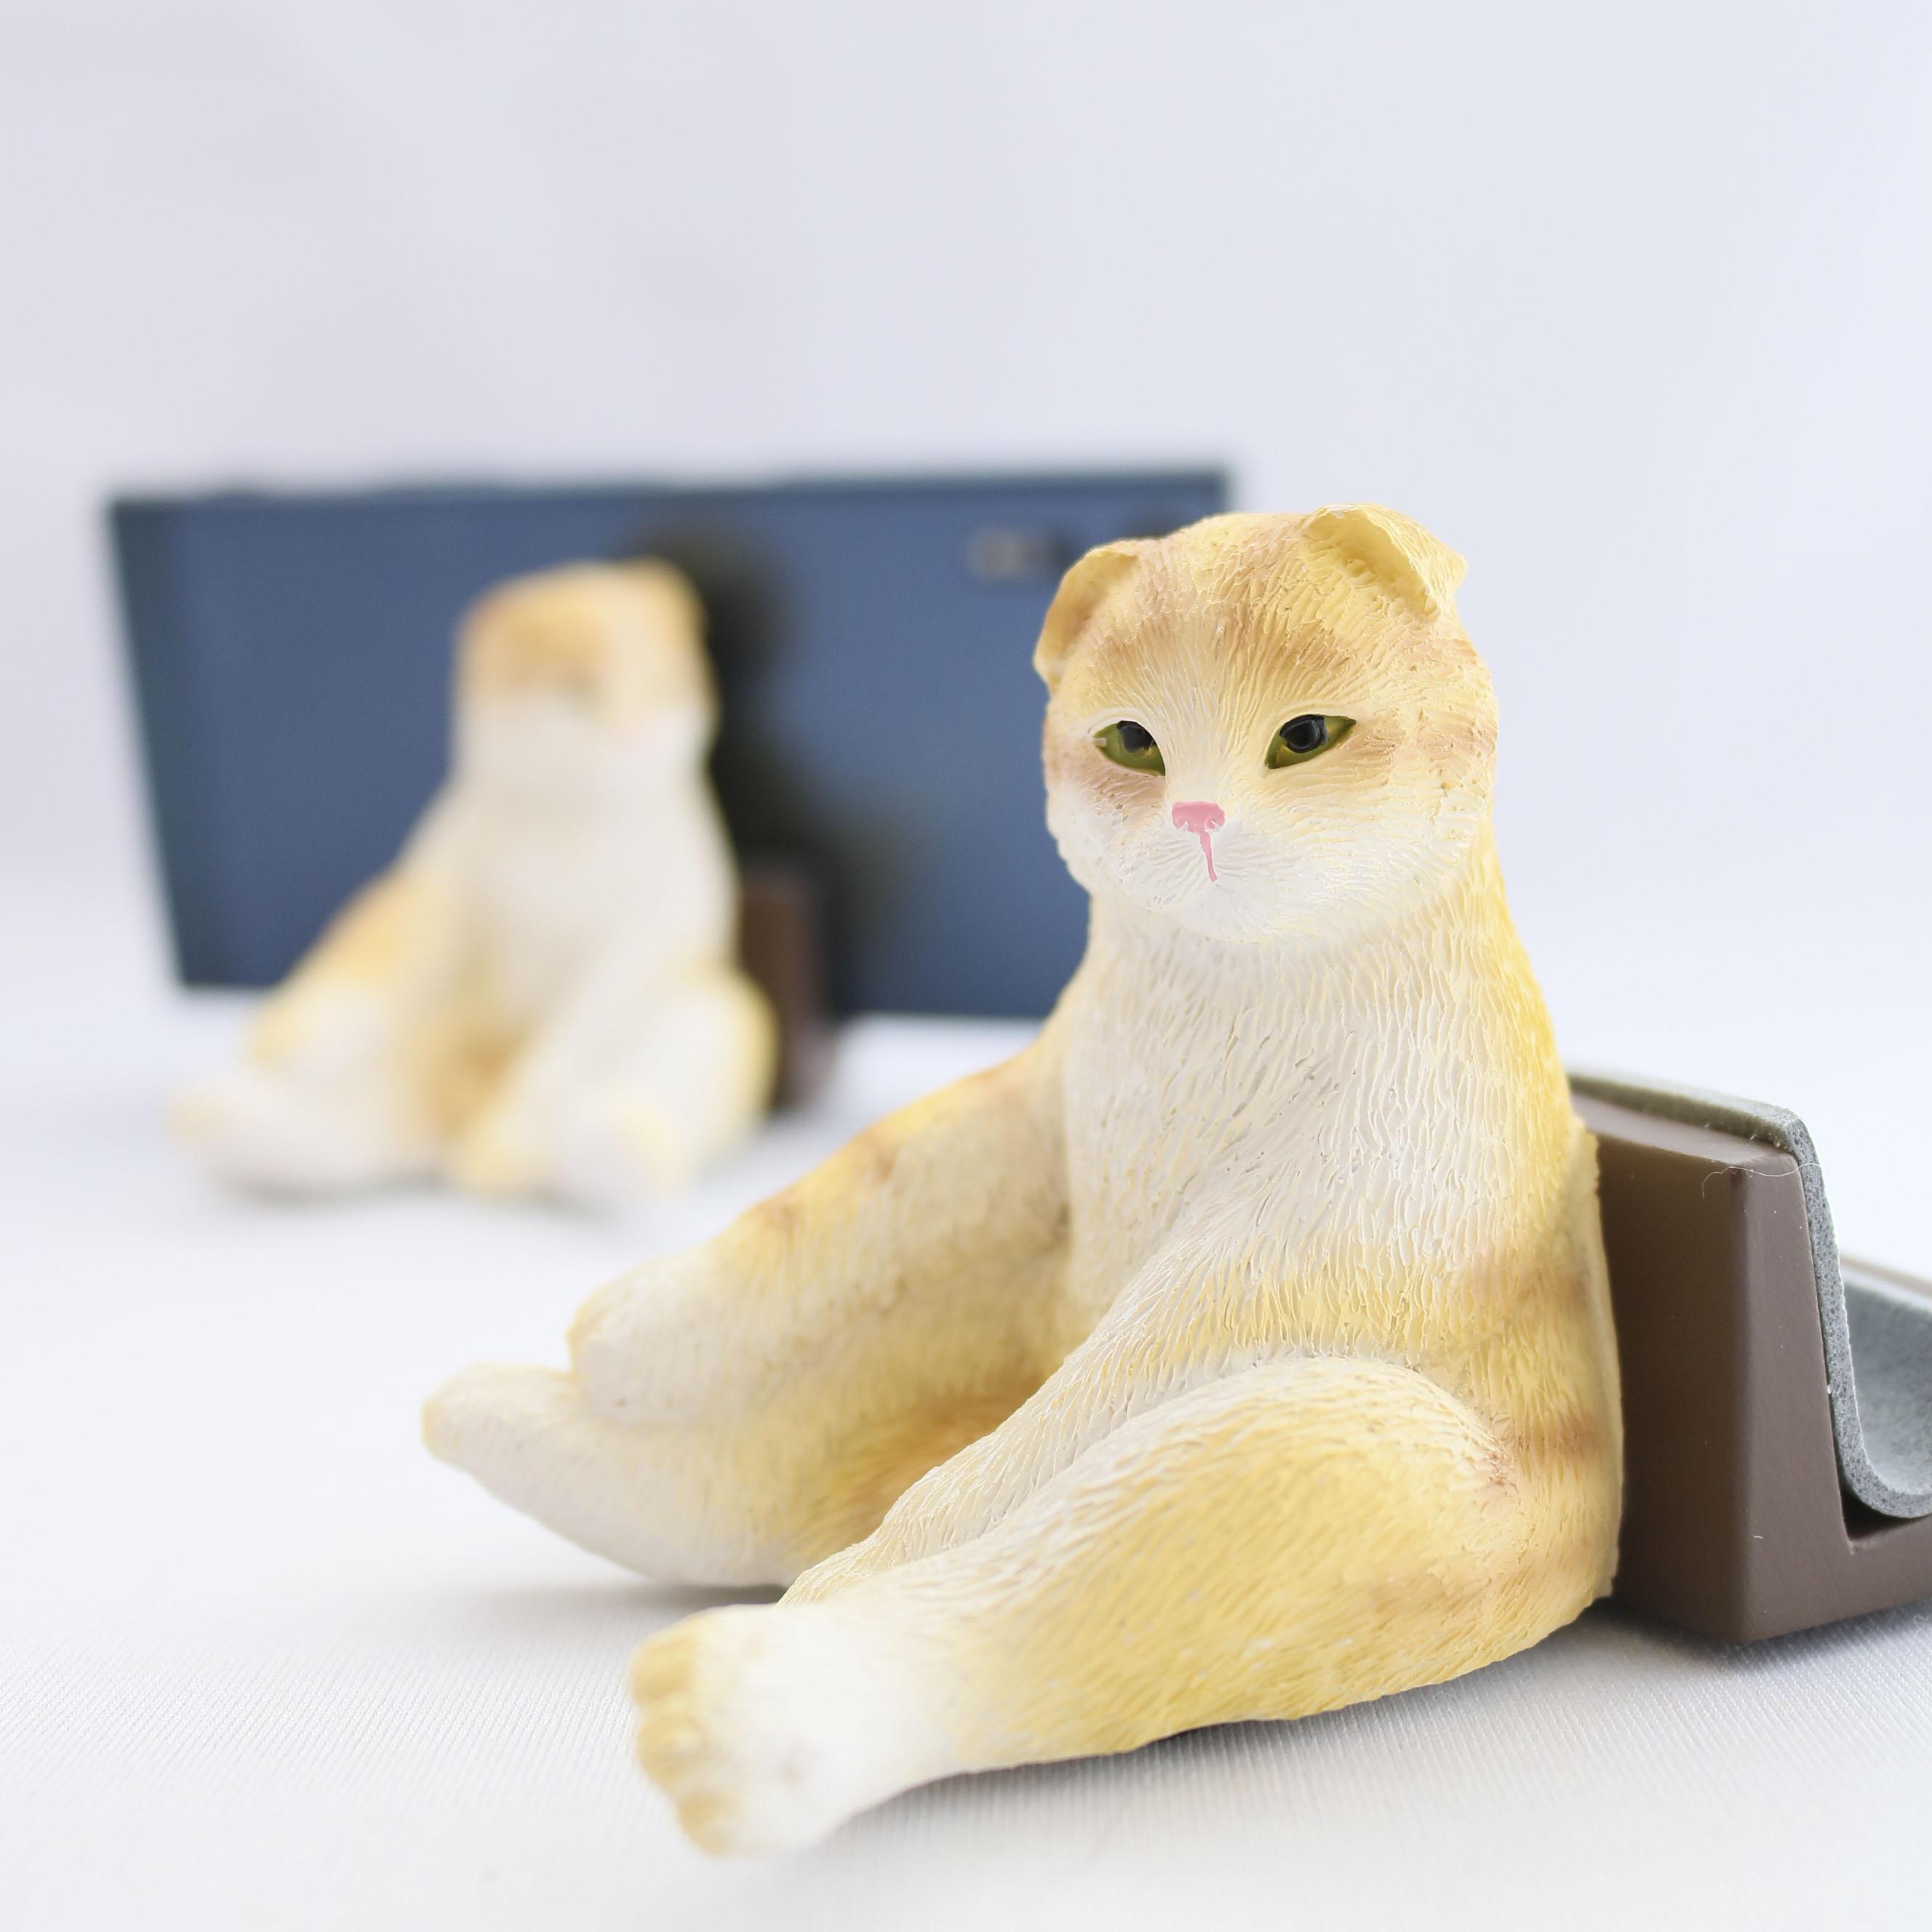 スマートフォンスタンド スマホスタンド 猫雑貨 猫グッズ 秋田 かぎしっぽ